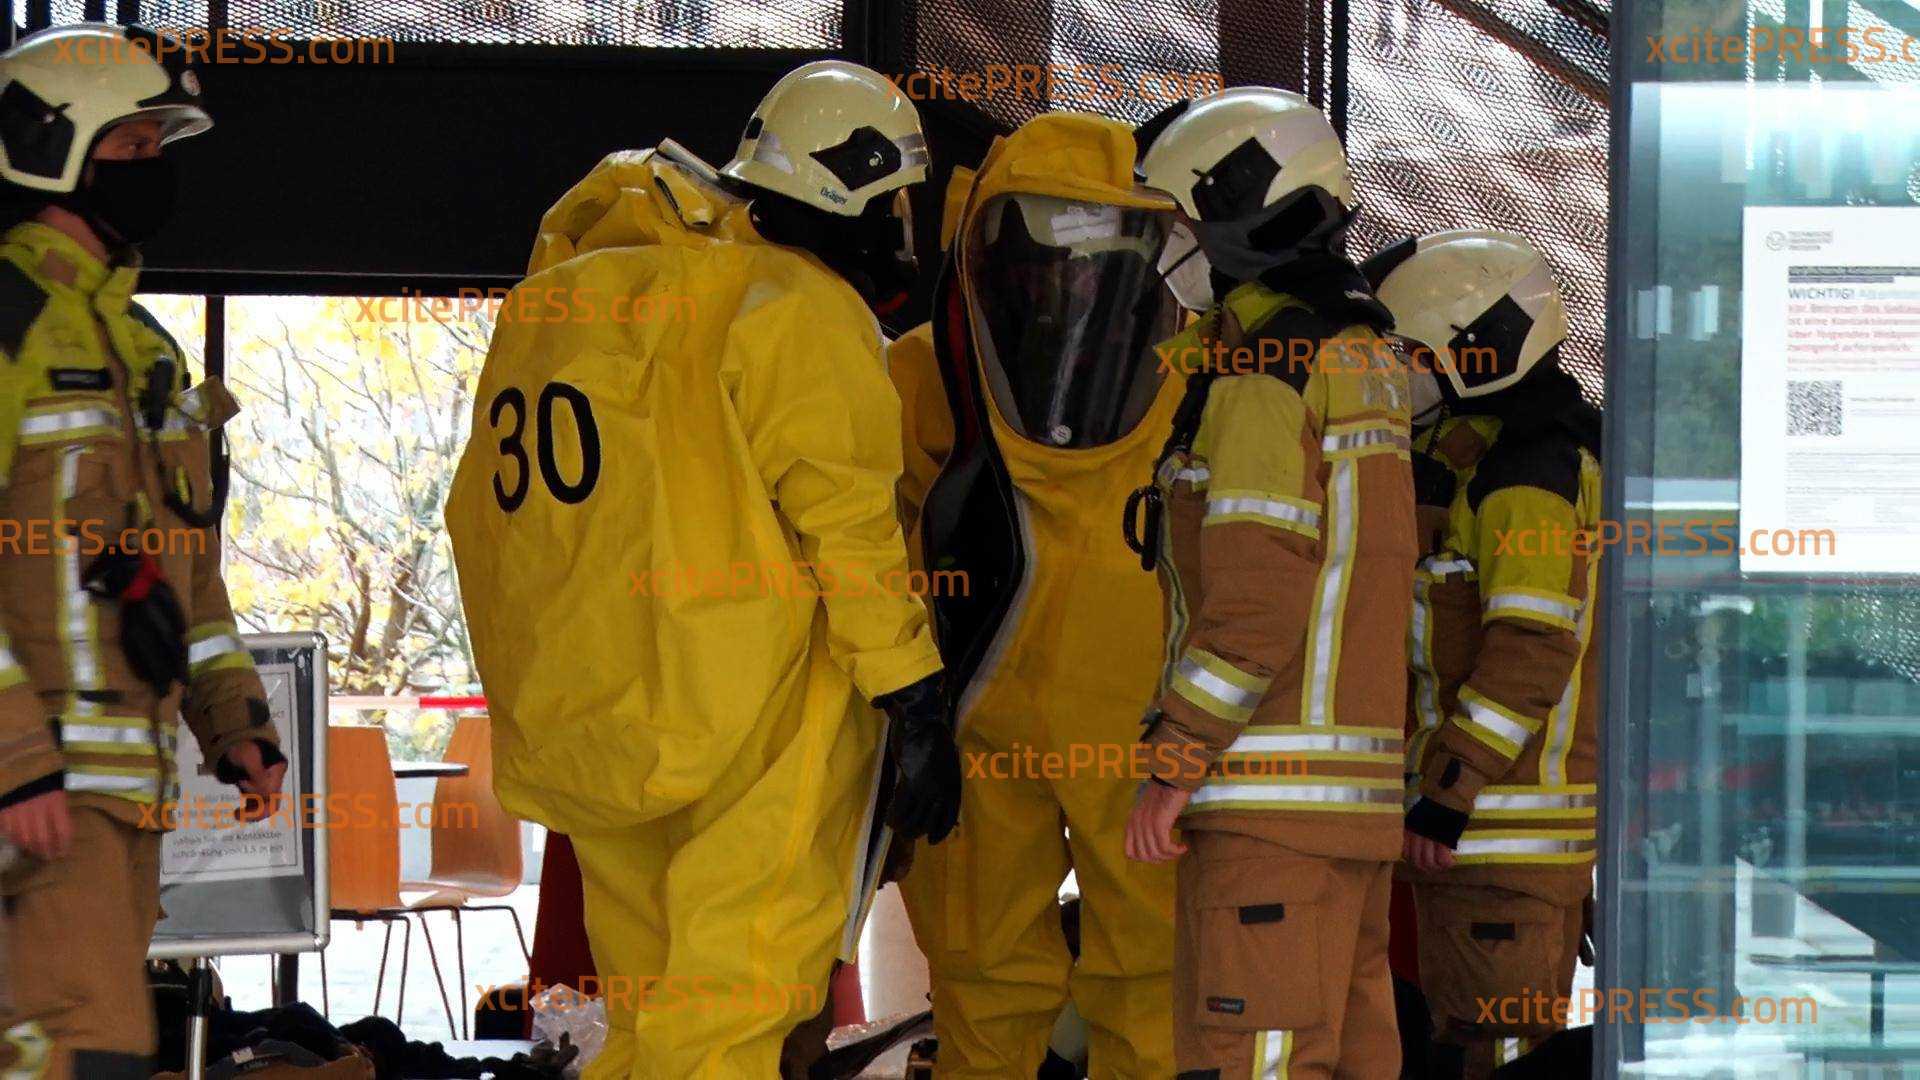 Säure ausgetreten: Großeinsatz für Feuerwehr am B-CUBE Center for Molecular Bioengineering: Eine weibliche Person verletzt